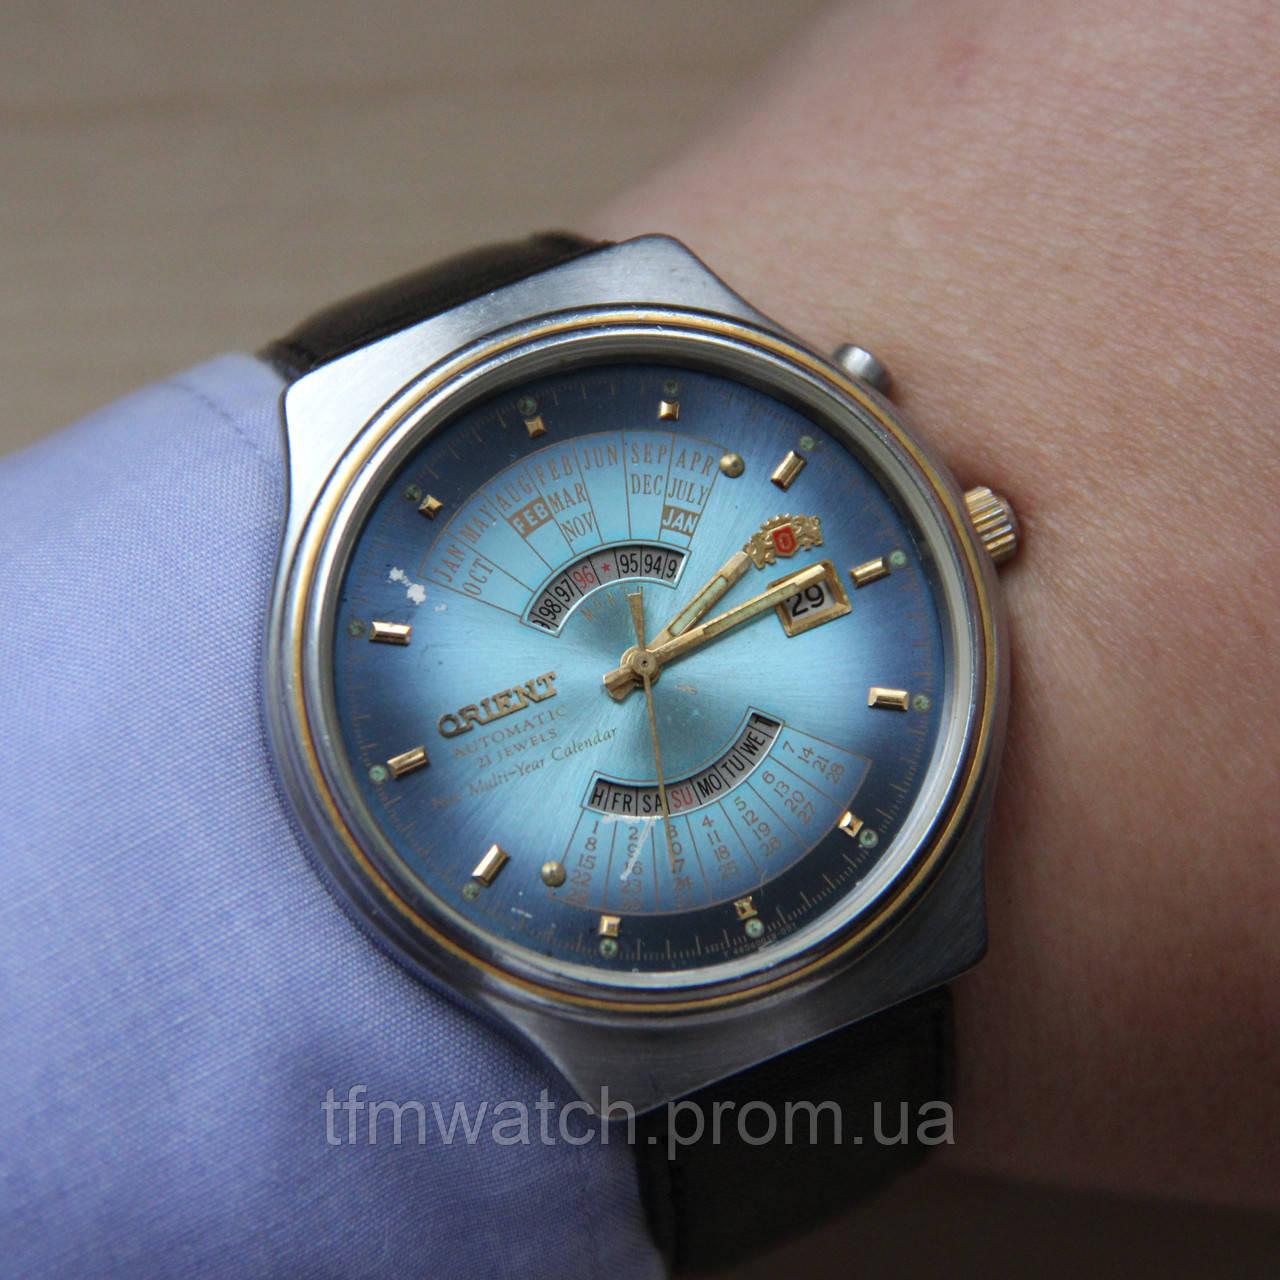 Orient Ориент Колледж мужские наручные часы - Магазин старинных e77d76d8b4192